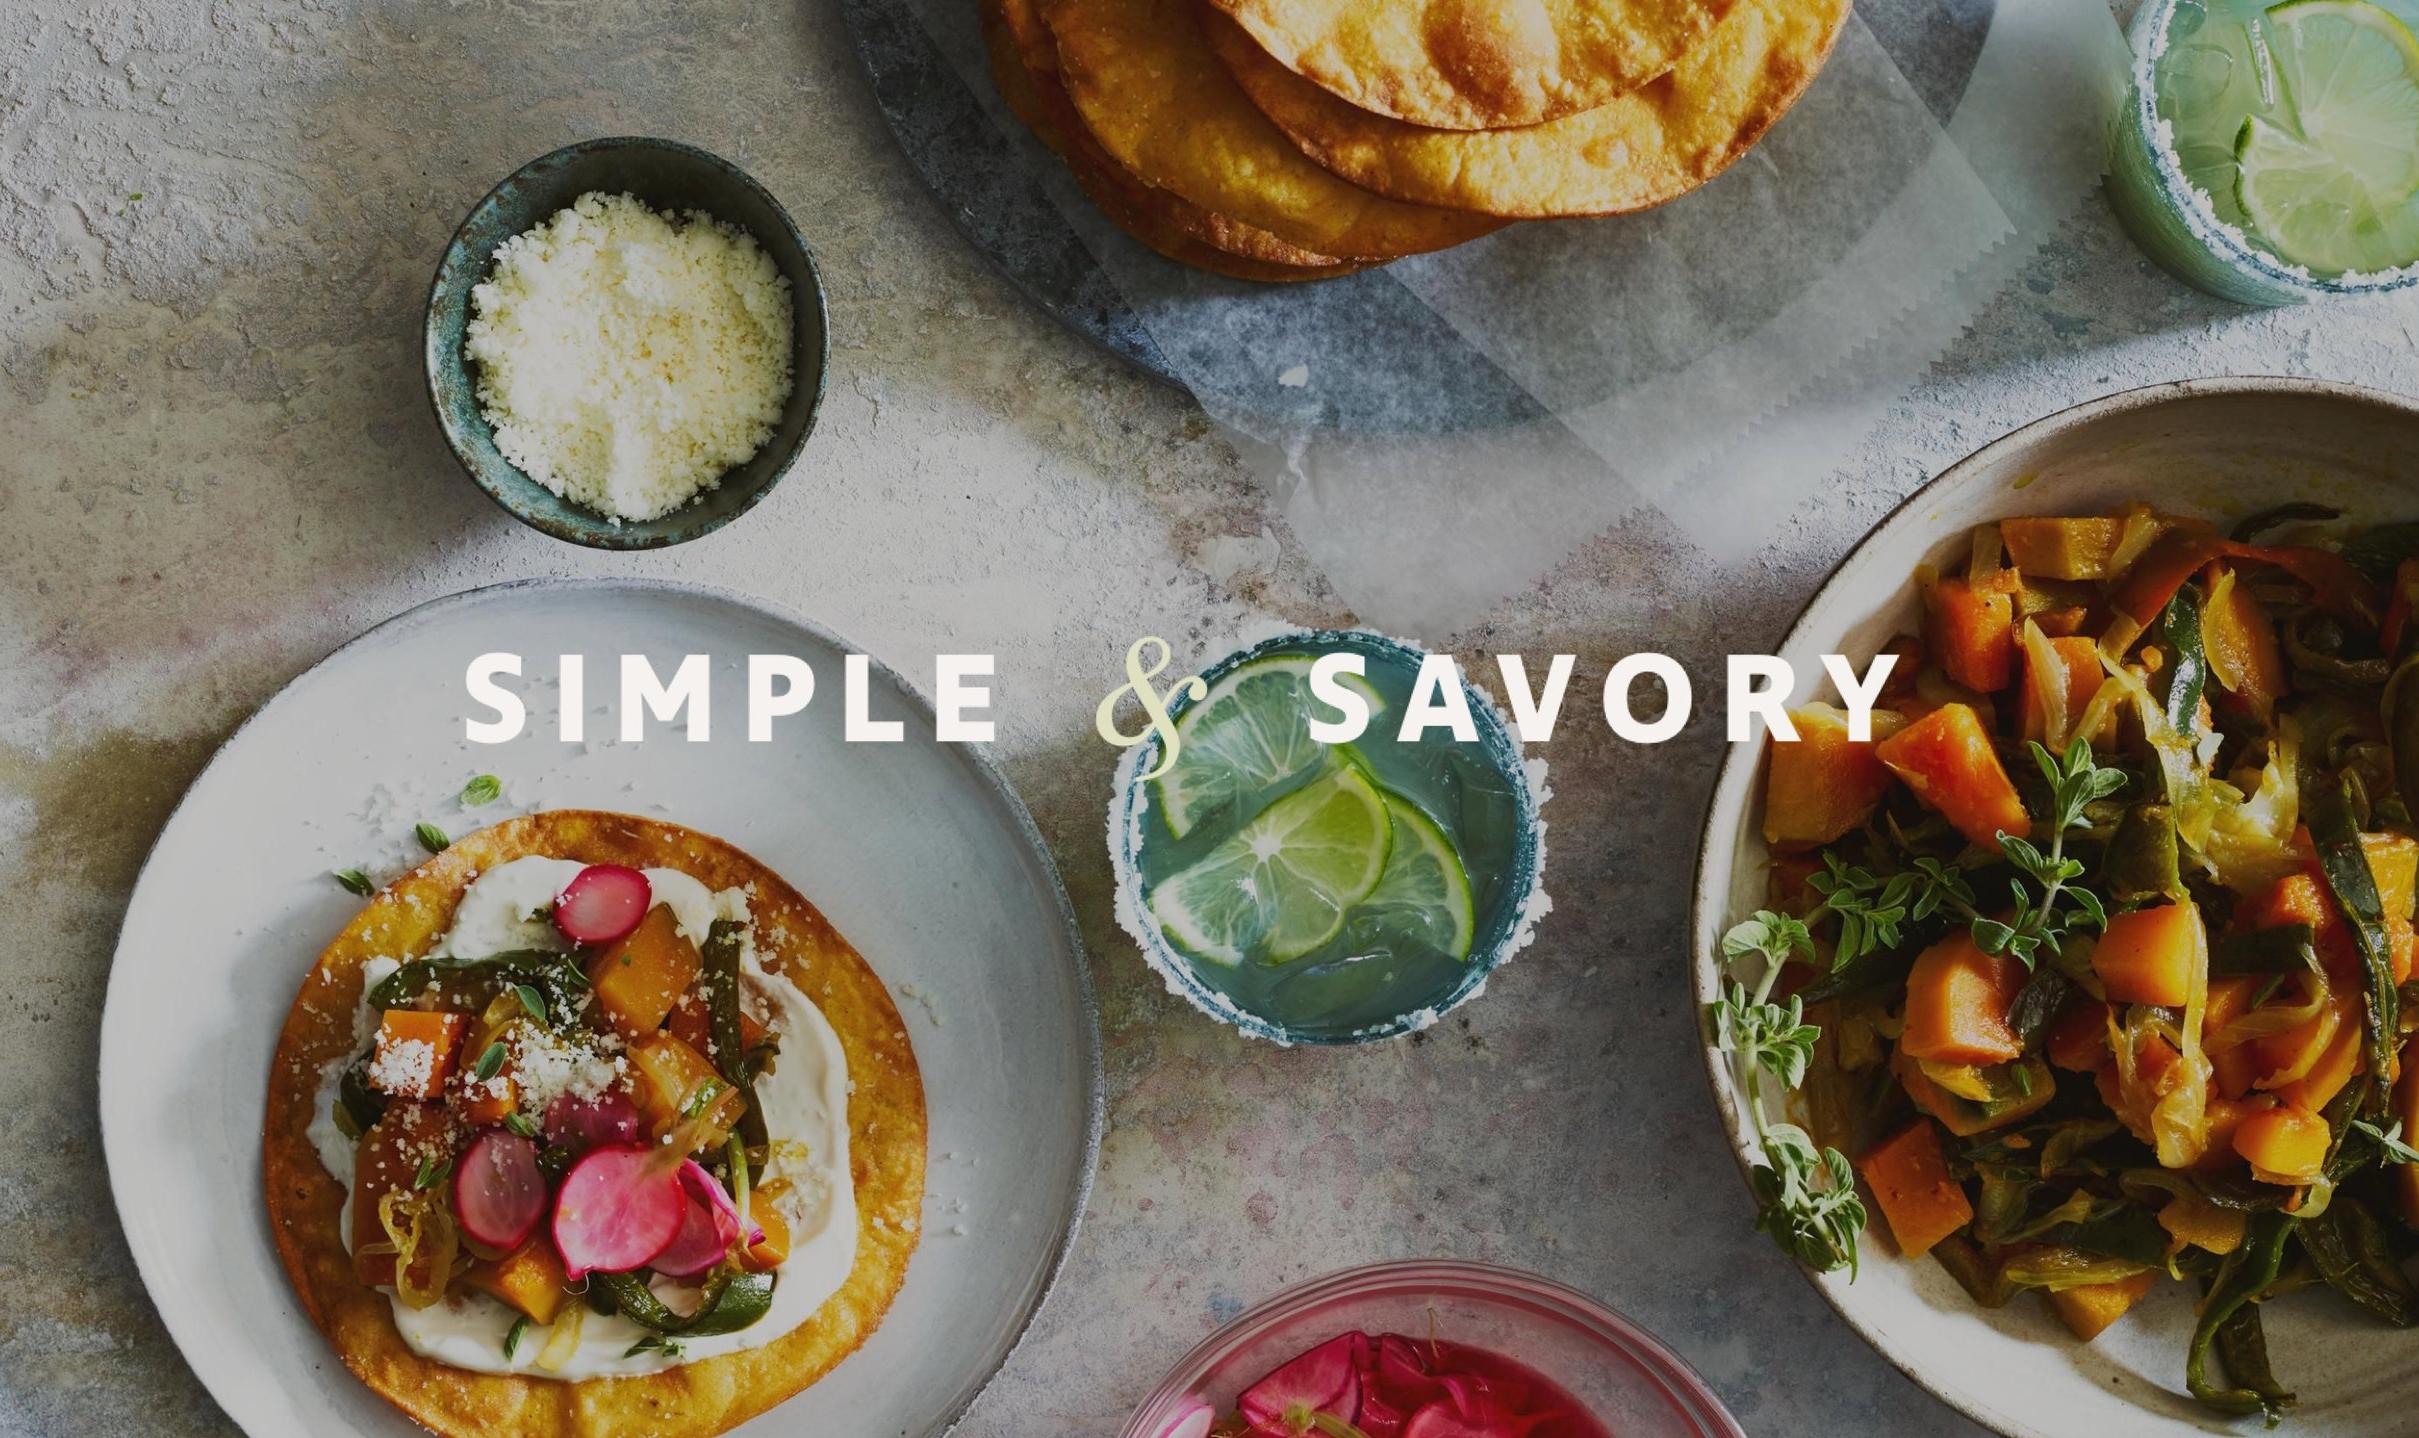 simple+savory-header.jpg